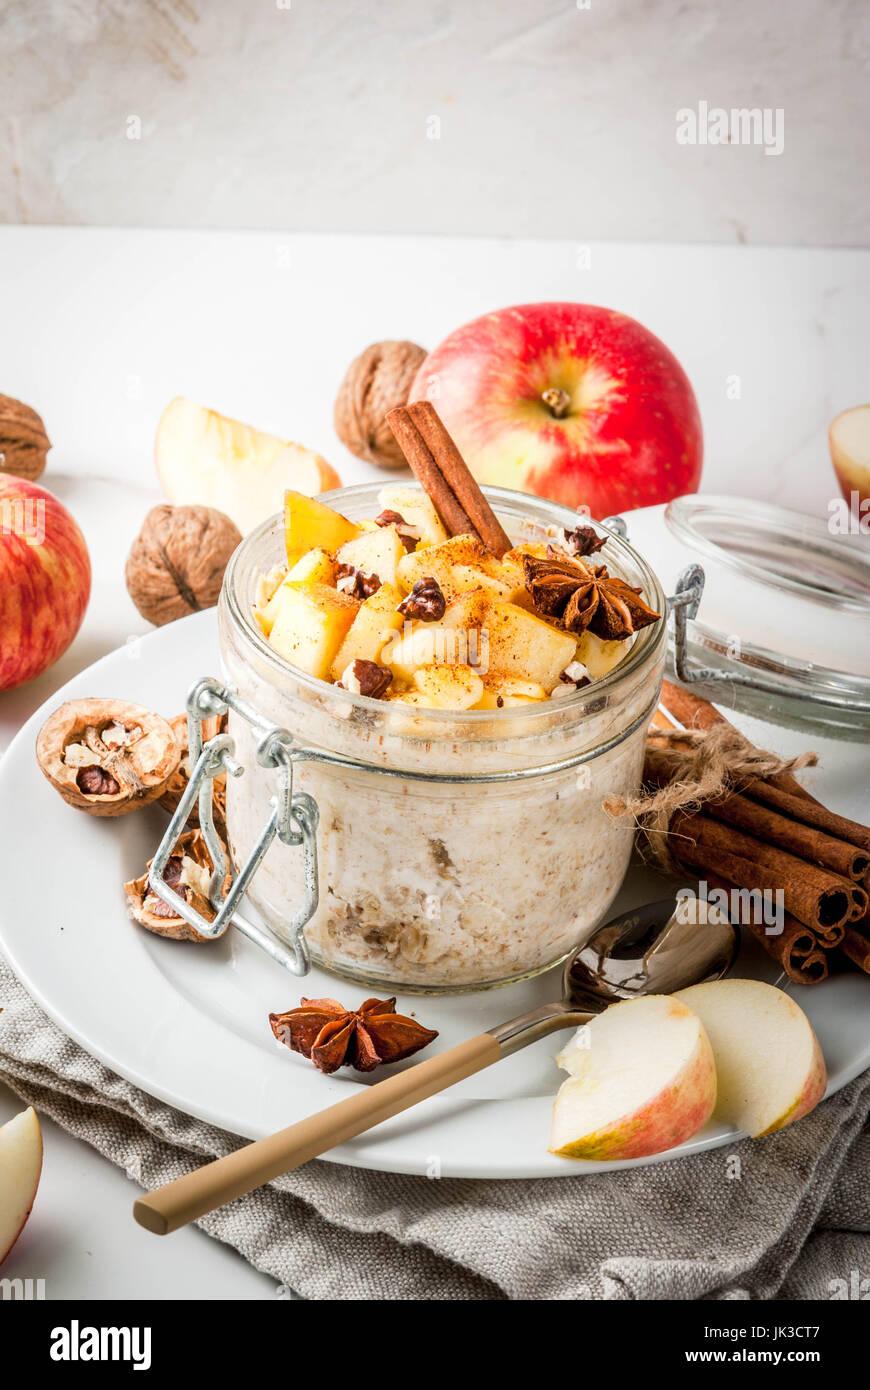 Saludable comida vegetariana. Desayuno dietético o un bocadillo. Tarta de manzana de la noche a la mañana Imagen De Stock